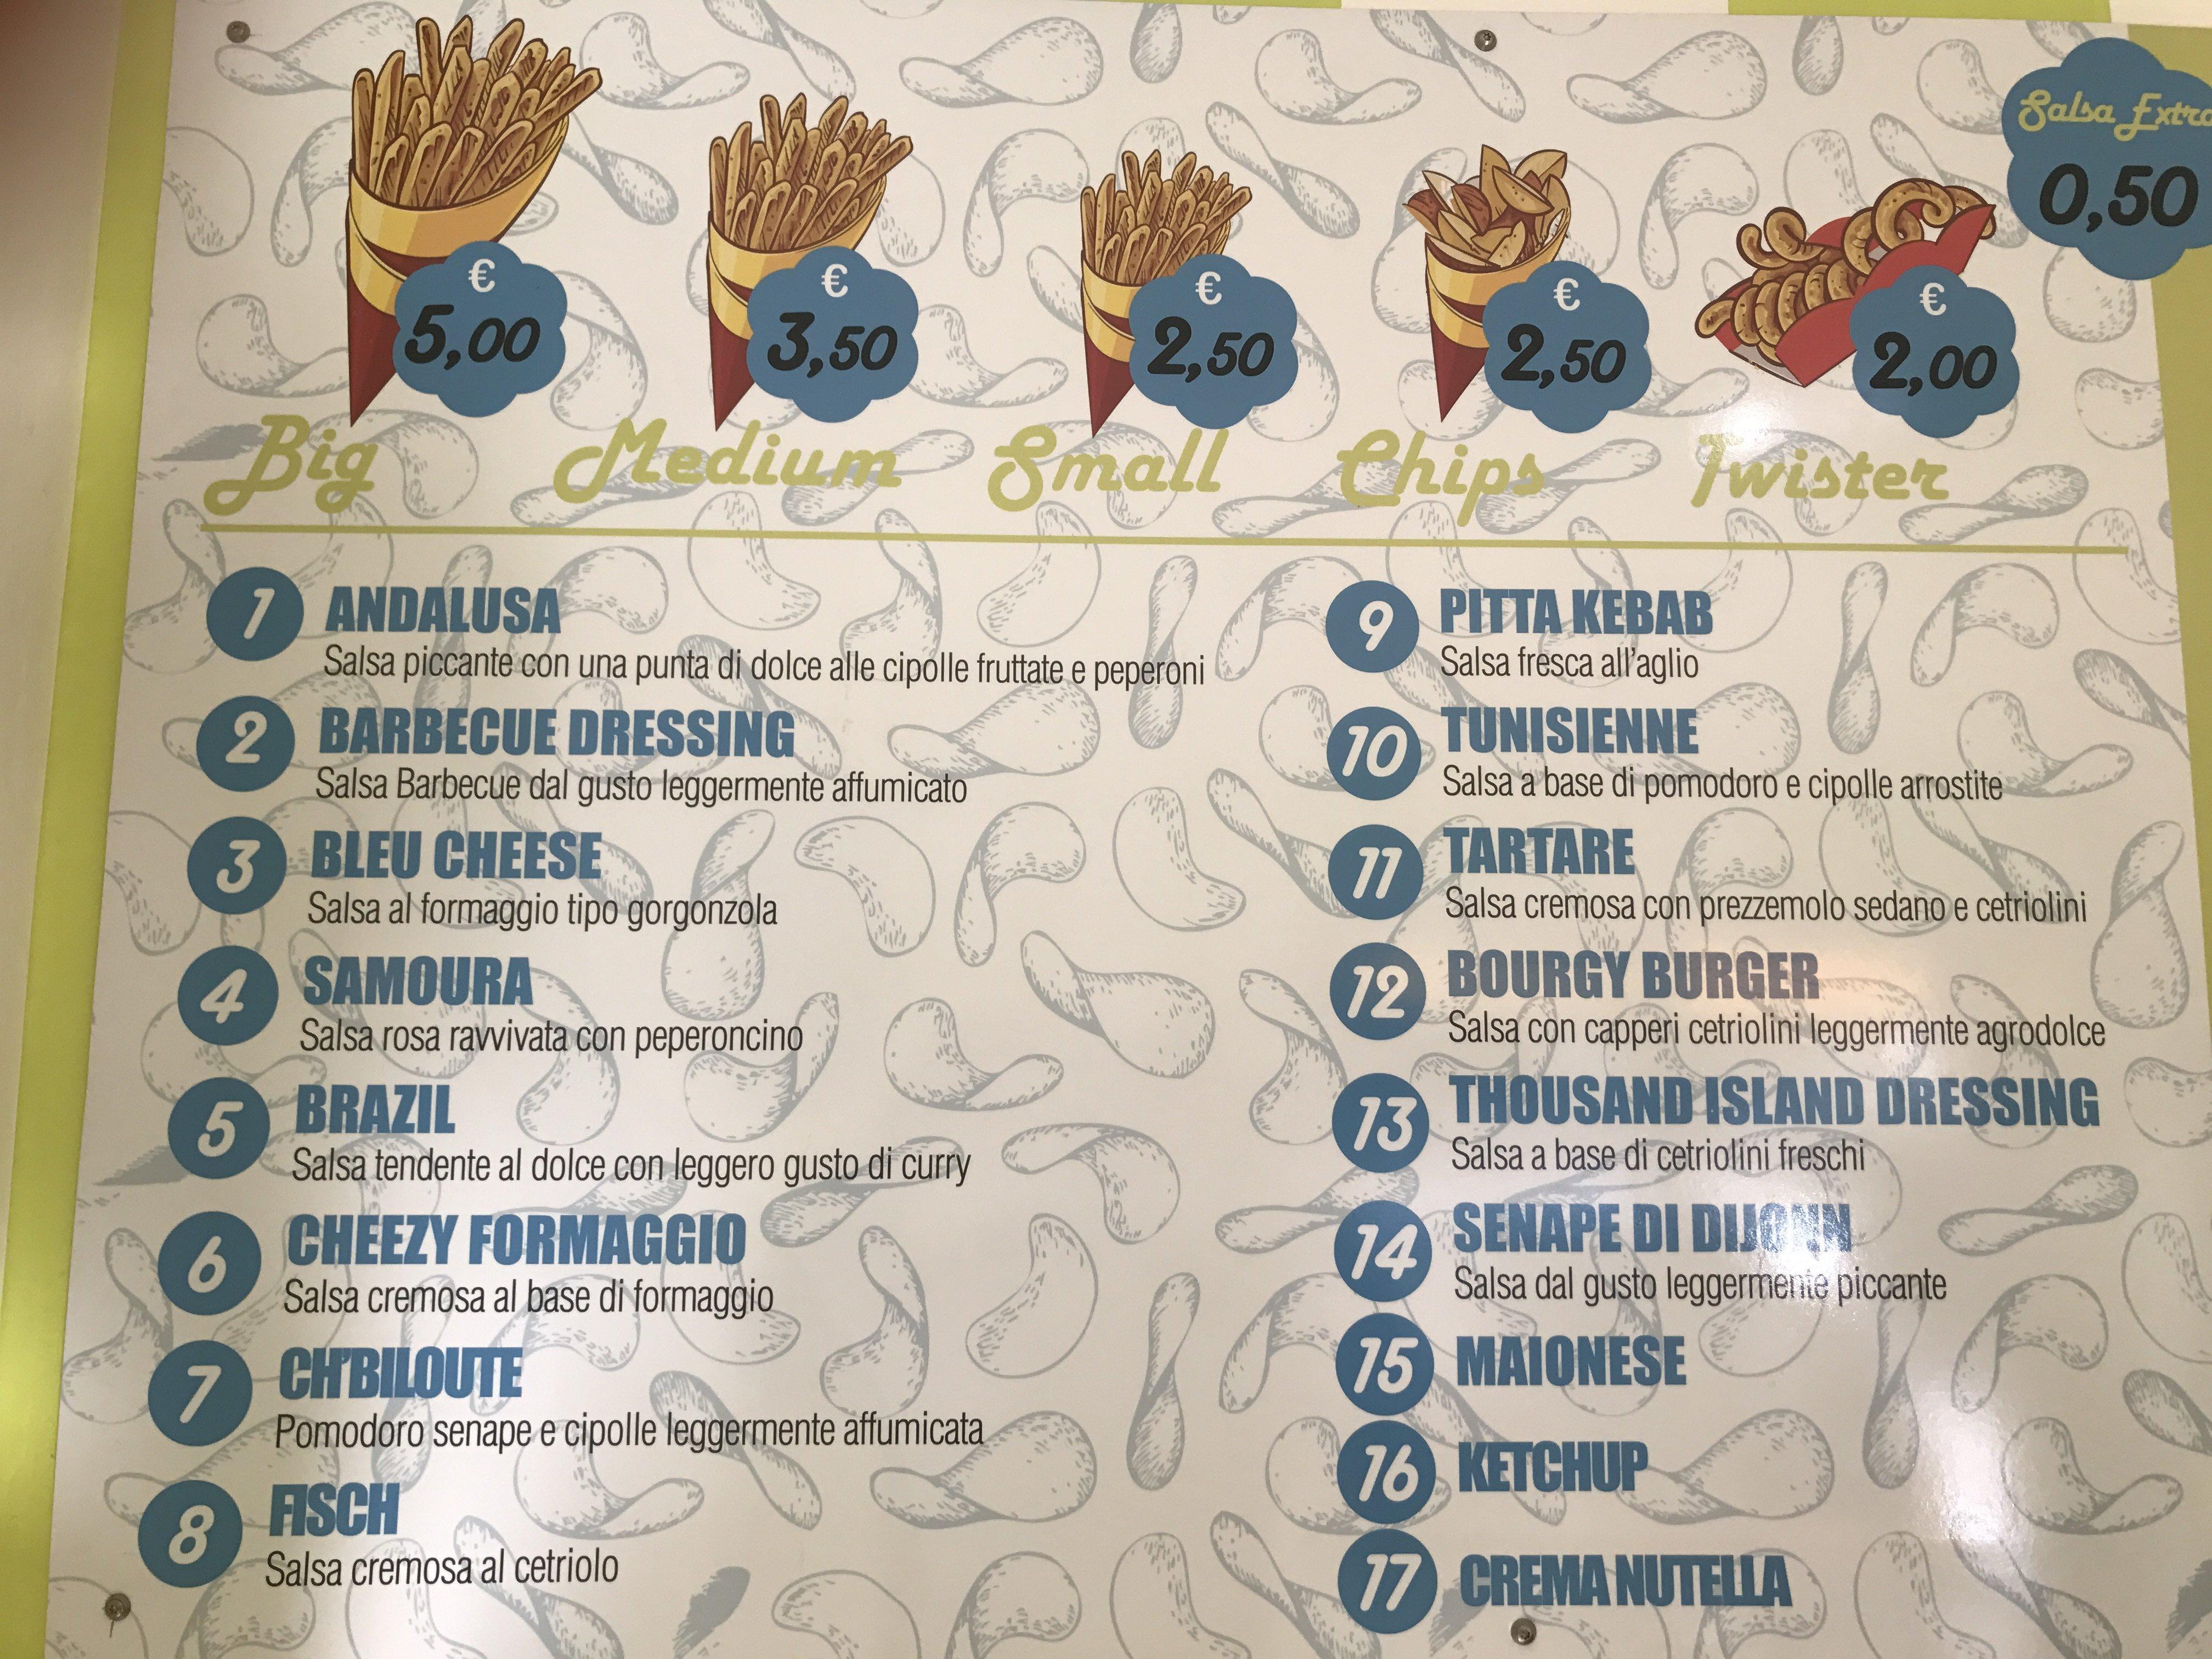 menu per le patatine presso Chips World